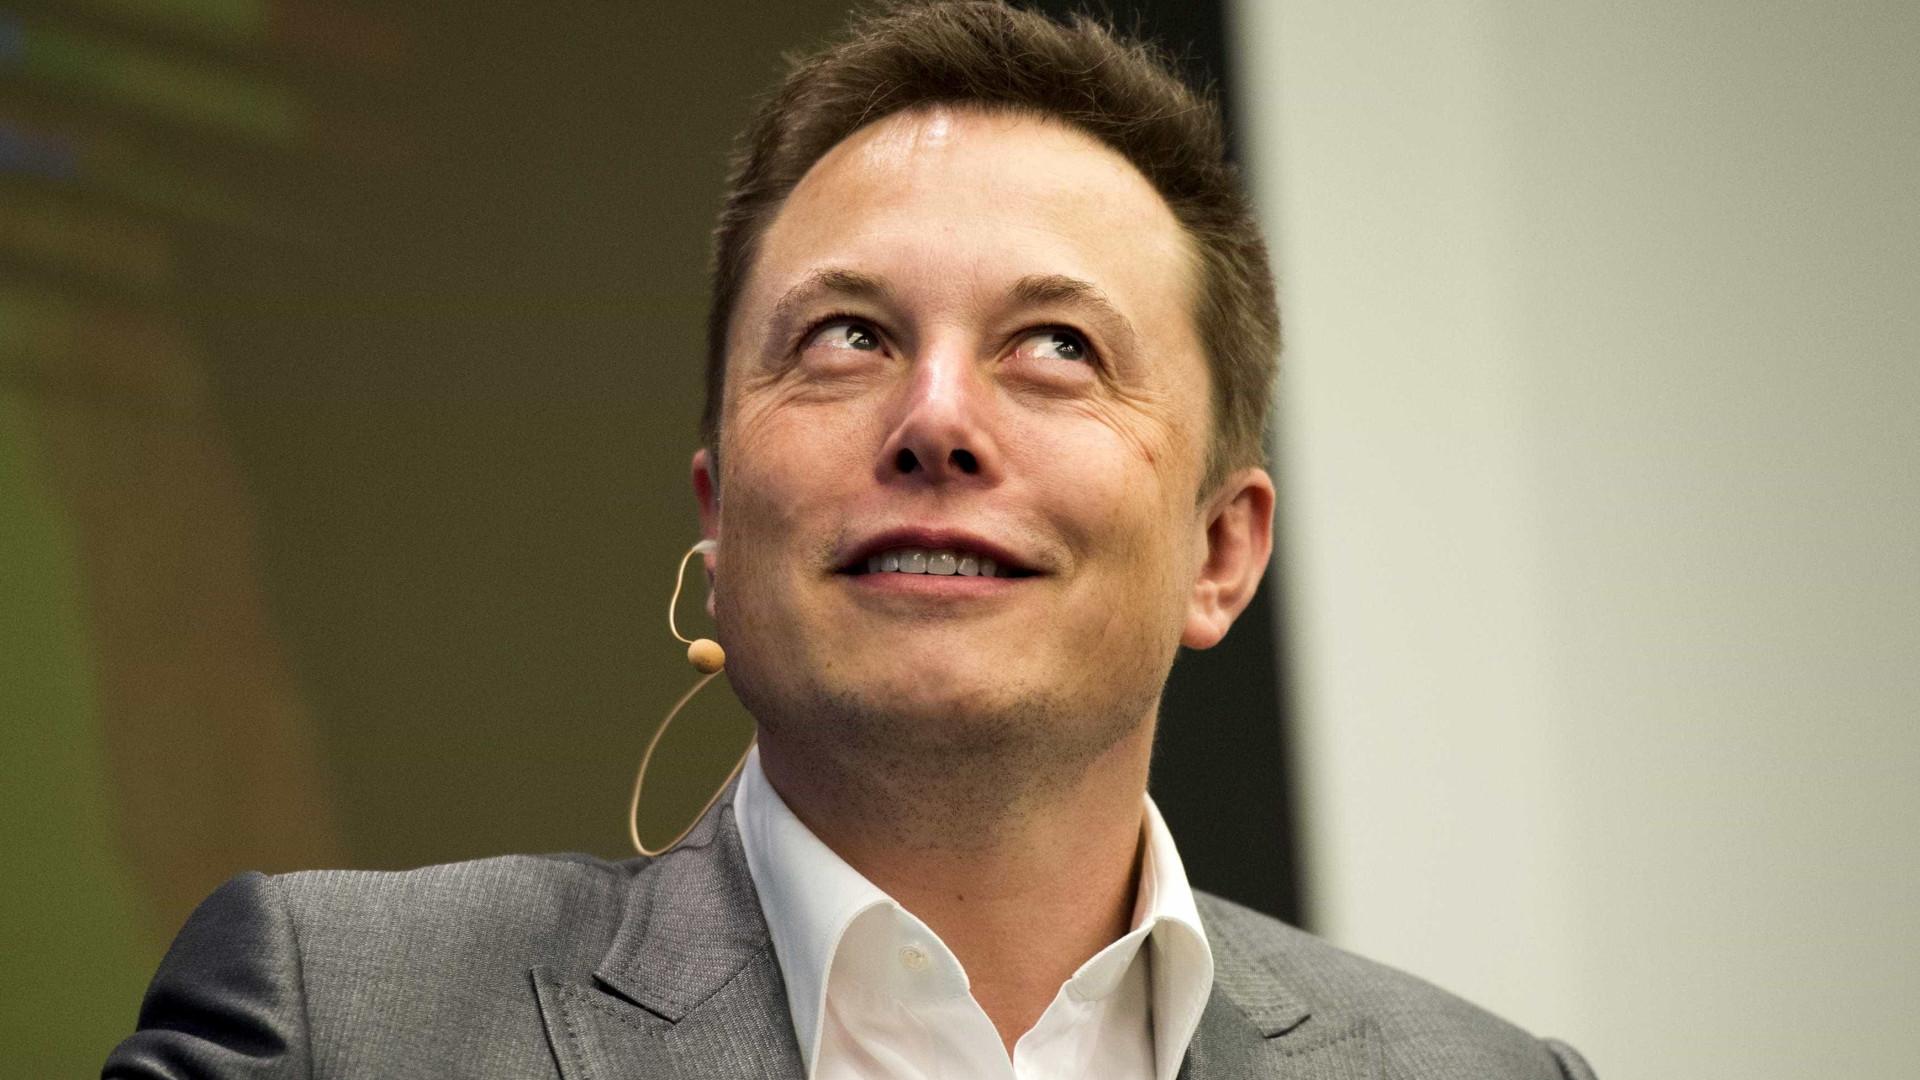 Elon Musk prestes a lançar novo projeto… de comédia